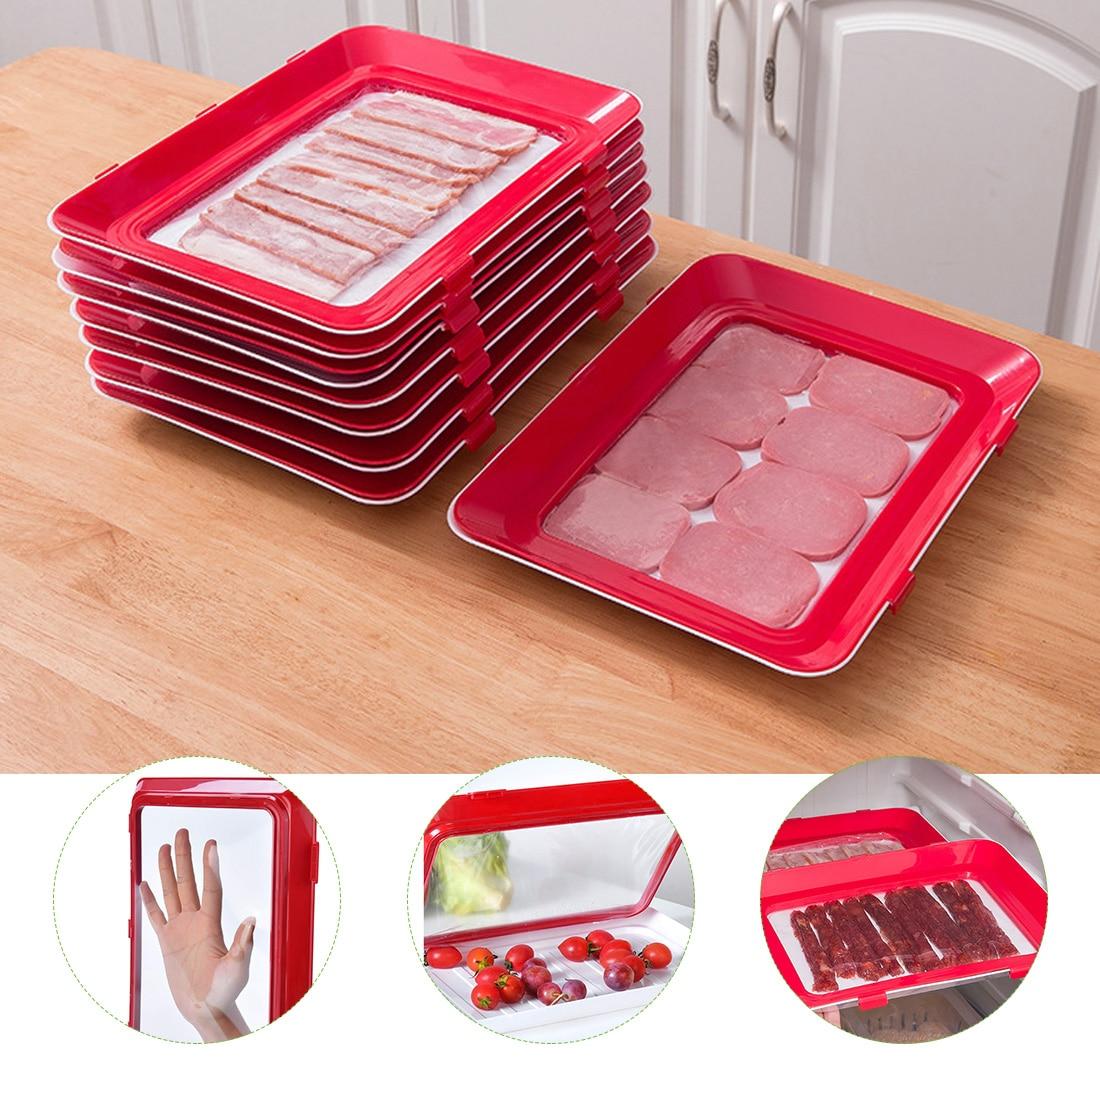 bandeja de vedação de alimentos para manter eles frescos na geladeira na cor branca com tampa vermelha e visor transparente